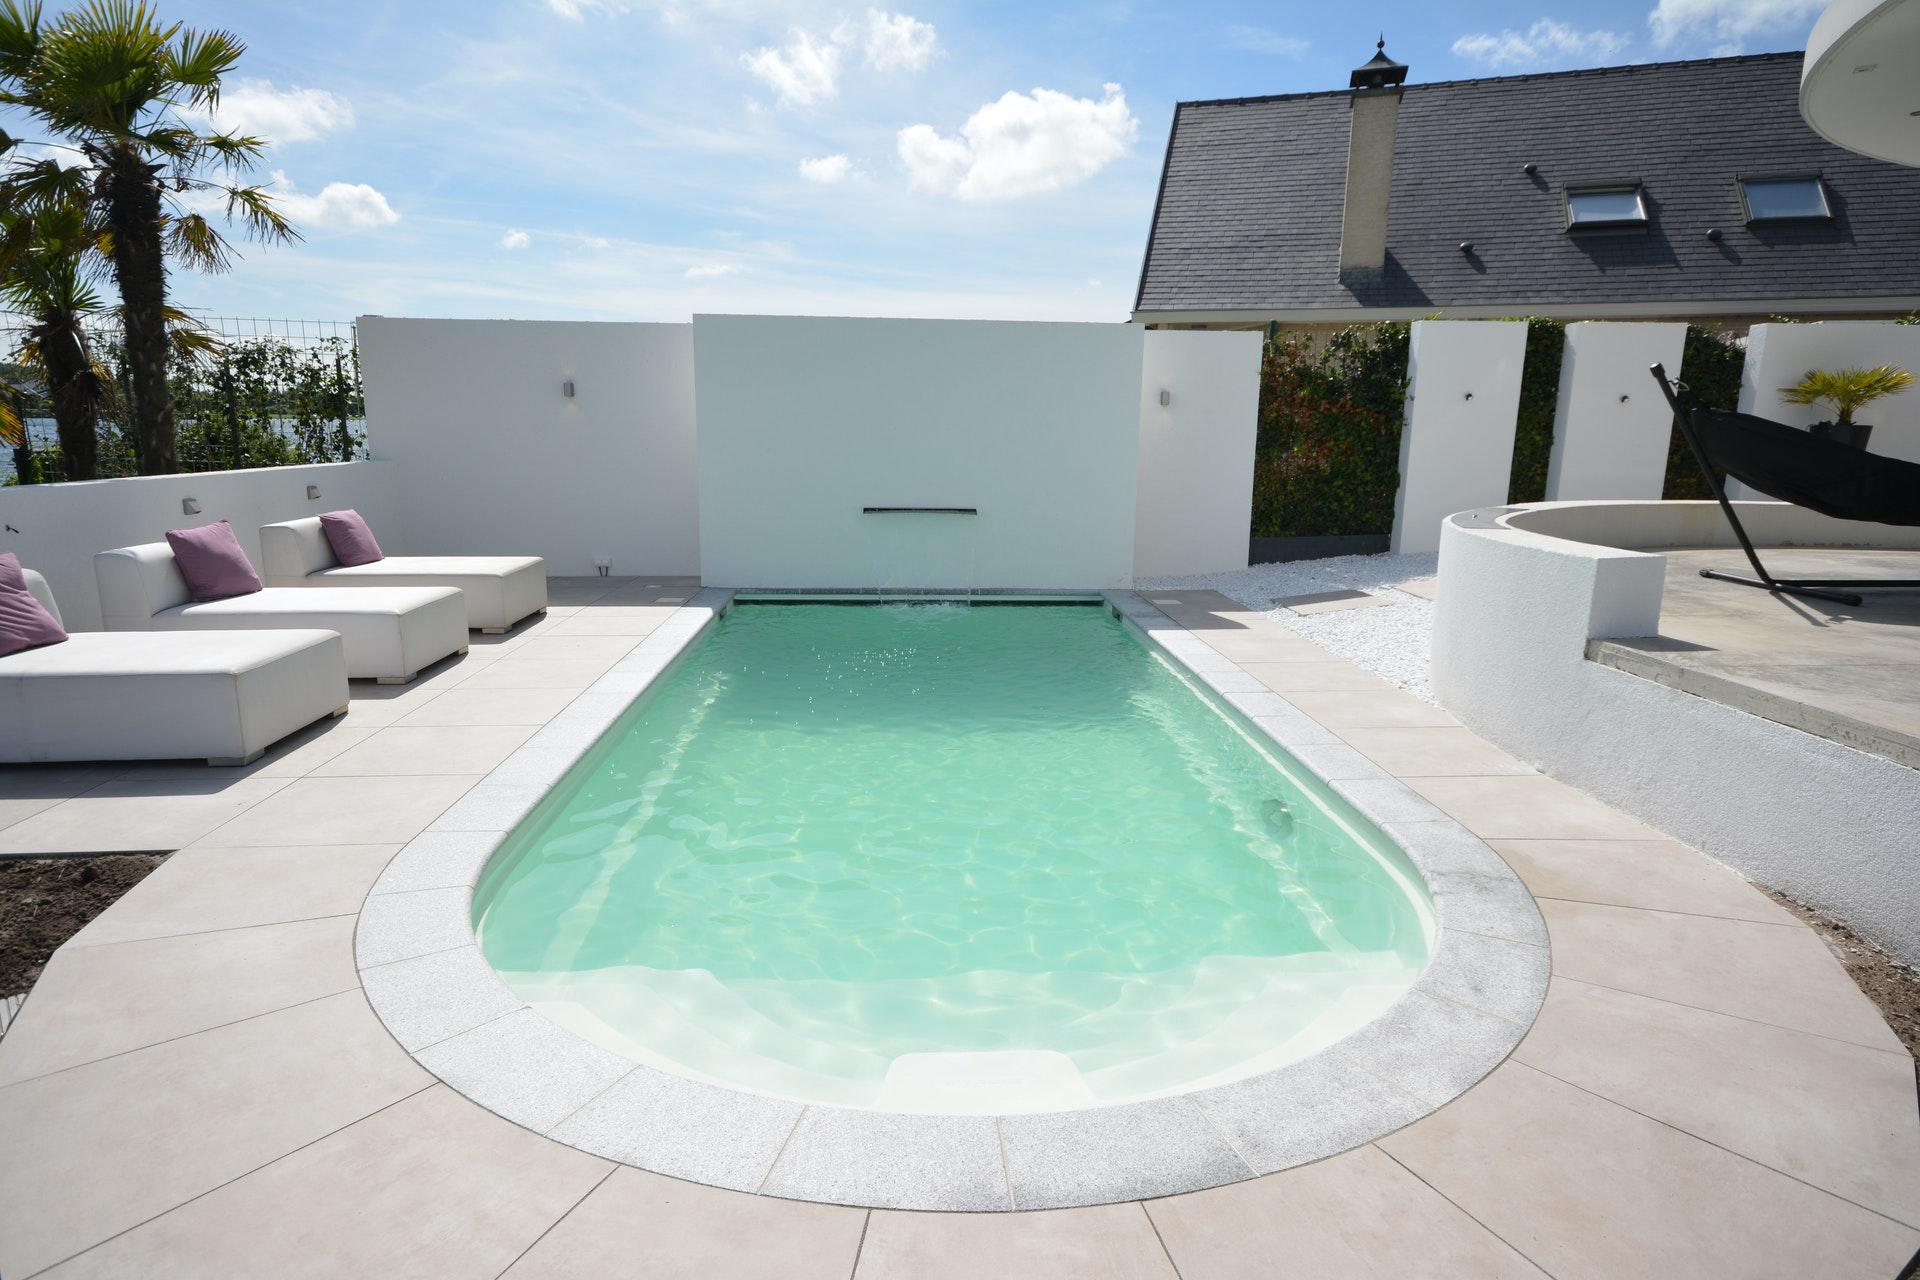 inbouw-zwembad-kleine-tuin